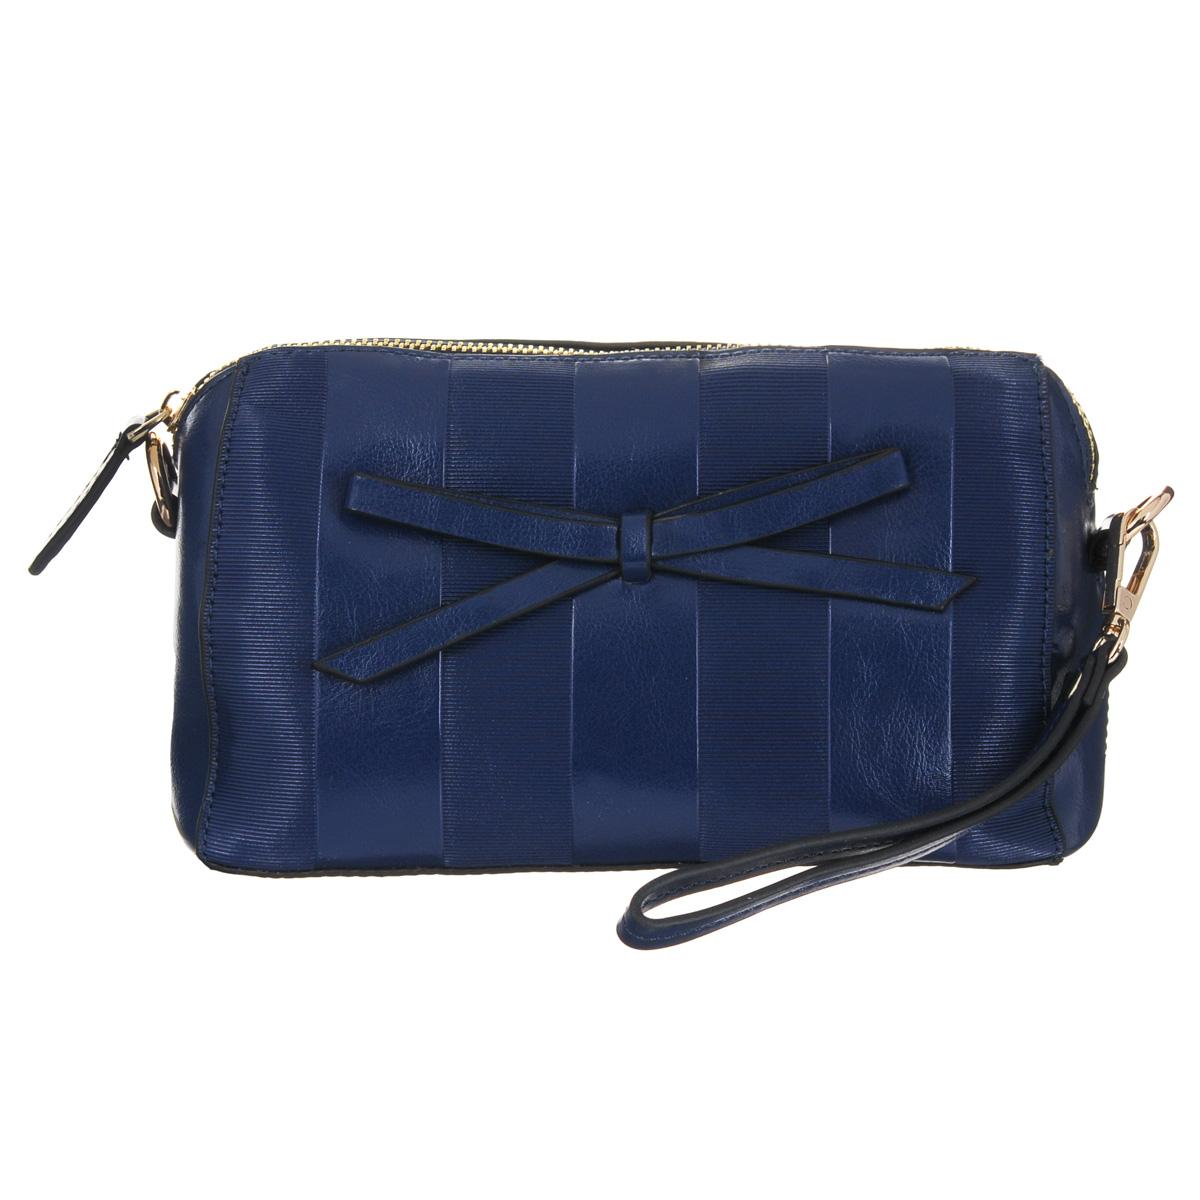 Сумка женская Fancys Bag, цвет: темно-синий. 1208612086-60Стильная женская сумочка Fancys Bag выполнена из натуральной высококачественной кожи с декоративным тиснением и с лицевой стороны декорирована очаровательным бантиком. Сумка имеет одно отделение, закрывающееся на металлическую застежку-молнию. Внутри - вшитый карман на застежке-молнии и два накладных открытых кармашка. Сумка оснащена съемным плечевым ремнем и ремешком для запястья. Сумка Fancys Bag подчеркнет вашу яркую индивидуальность и сделает образ завершенным.